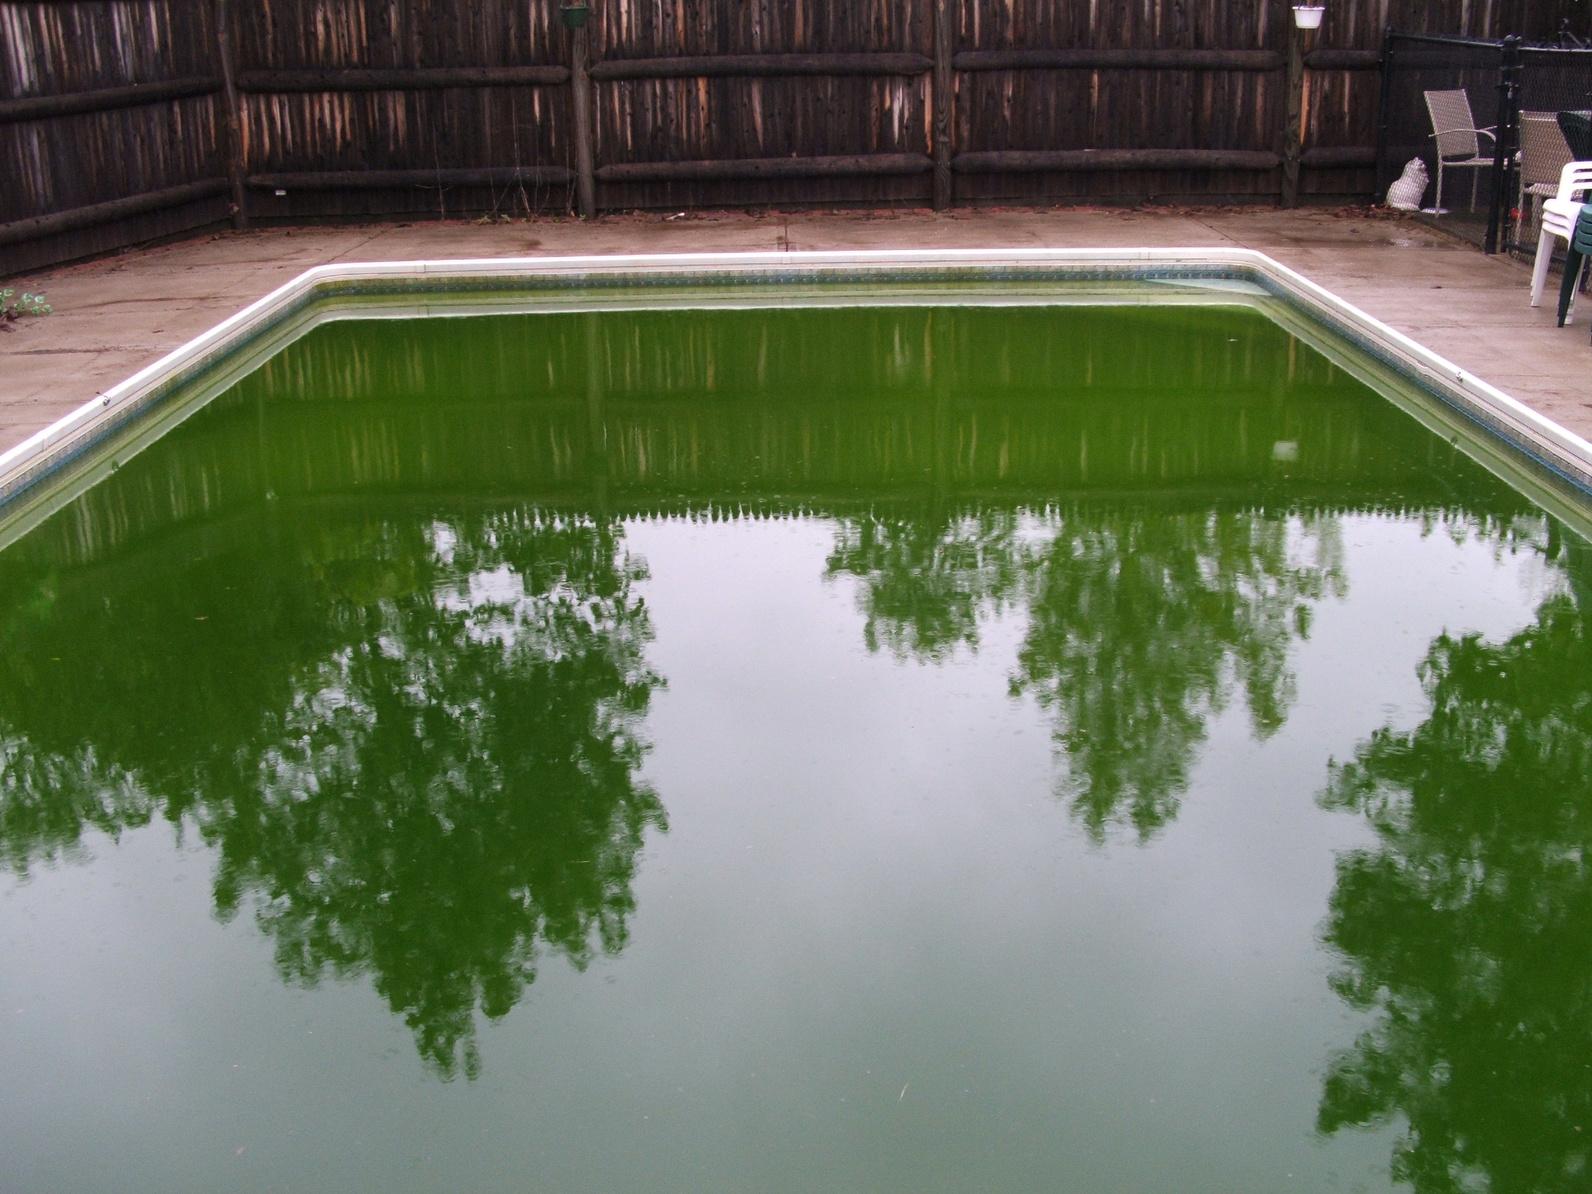 C mo limpiar una piscina con agua verde piscinas iguaz for Recuperar agua piscina verde